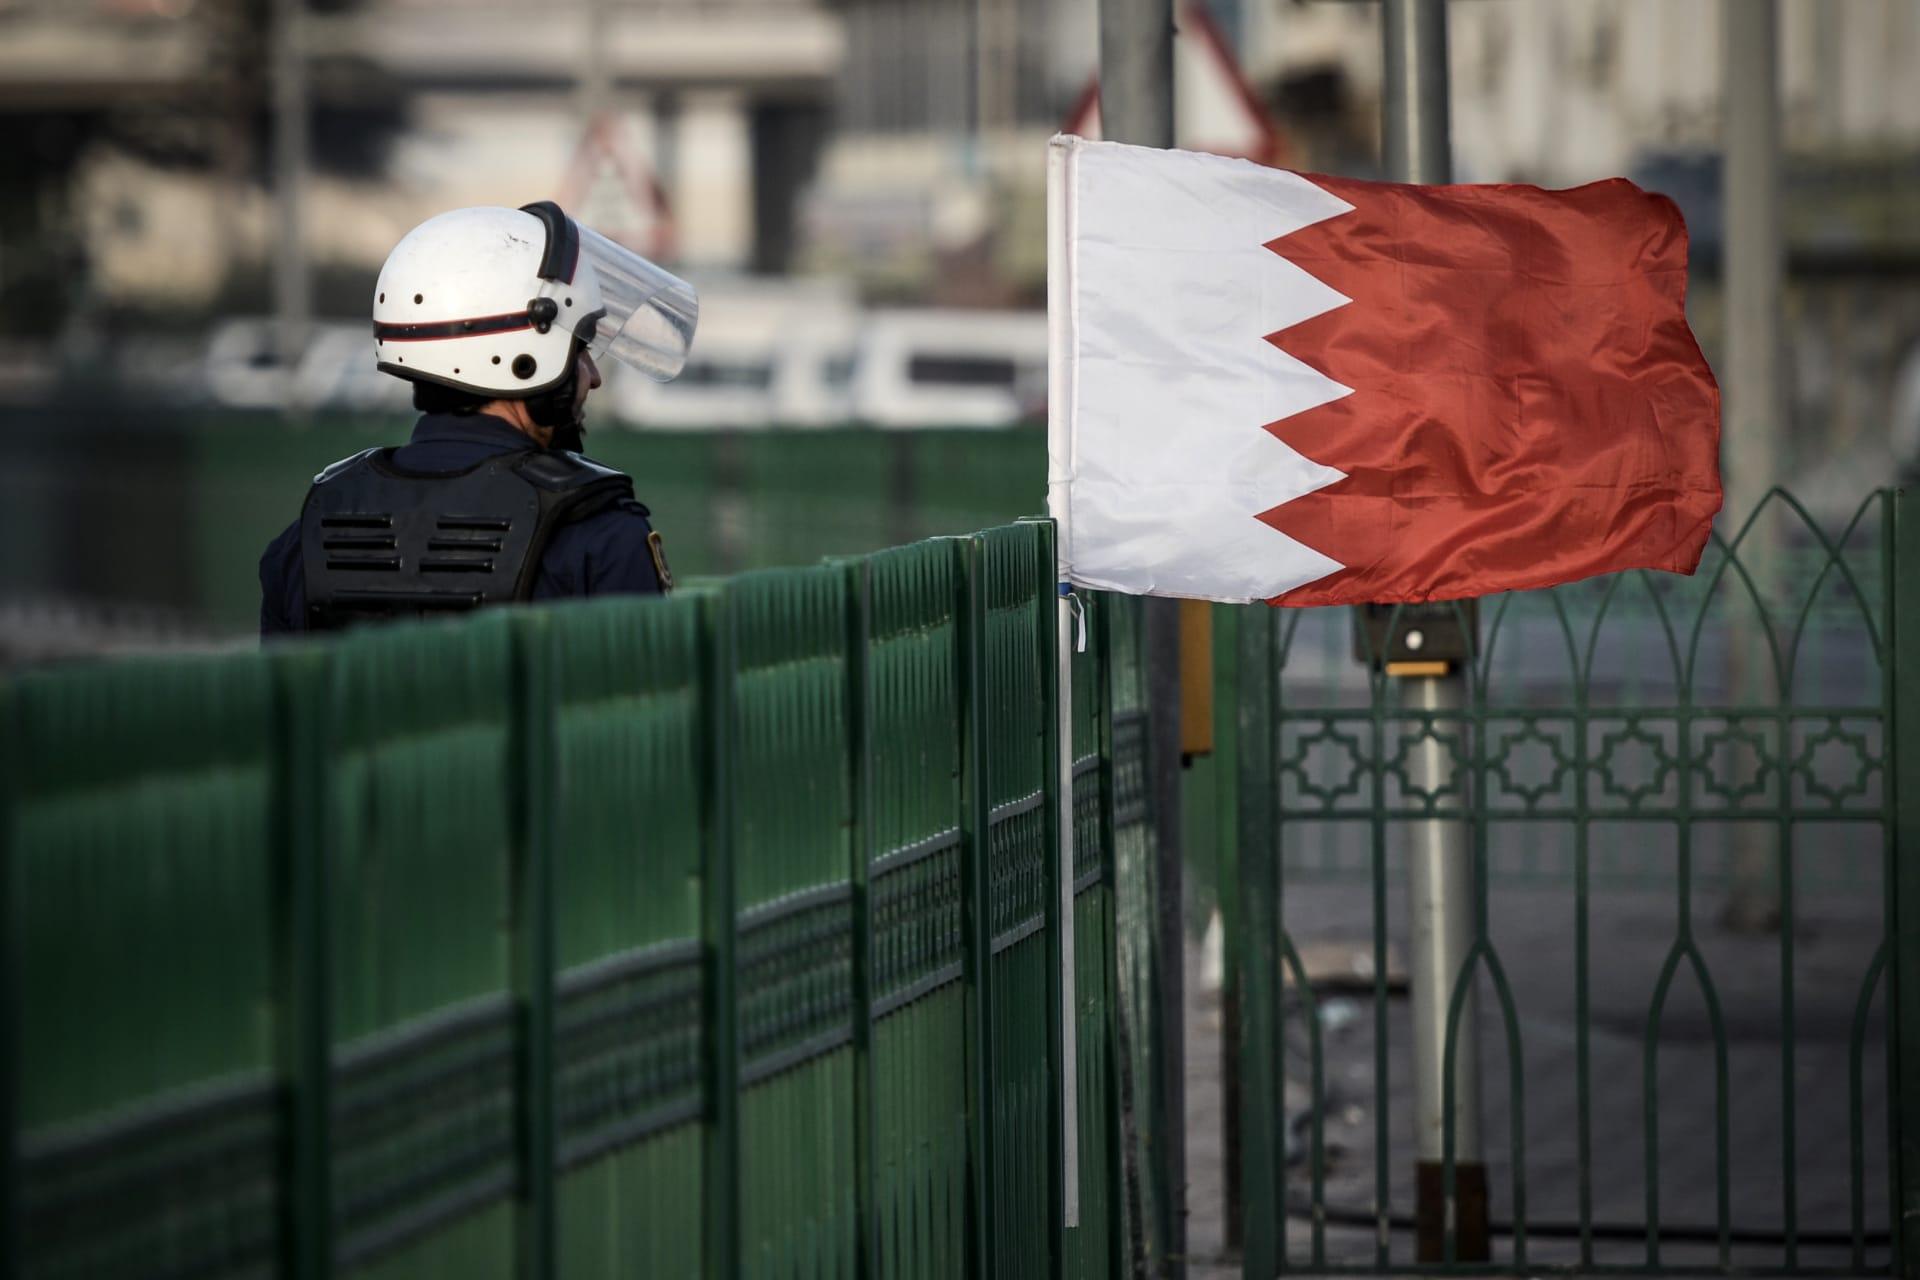 """البحرين: حبس متهم نشر """"أخبارا كاذبة"""" وشكك بقدرة السلطات على حفظ الأمن"""